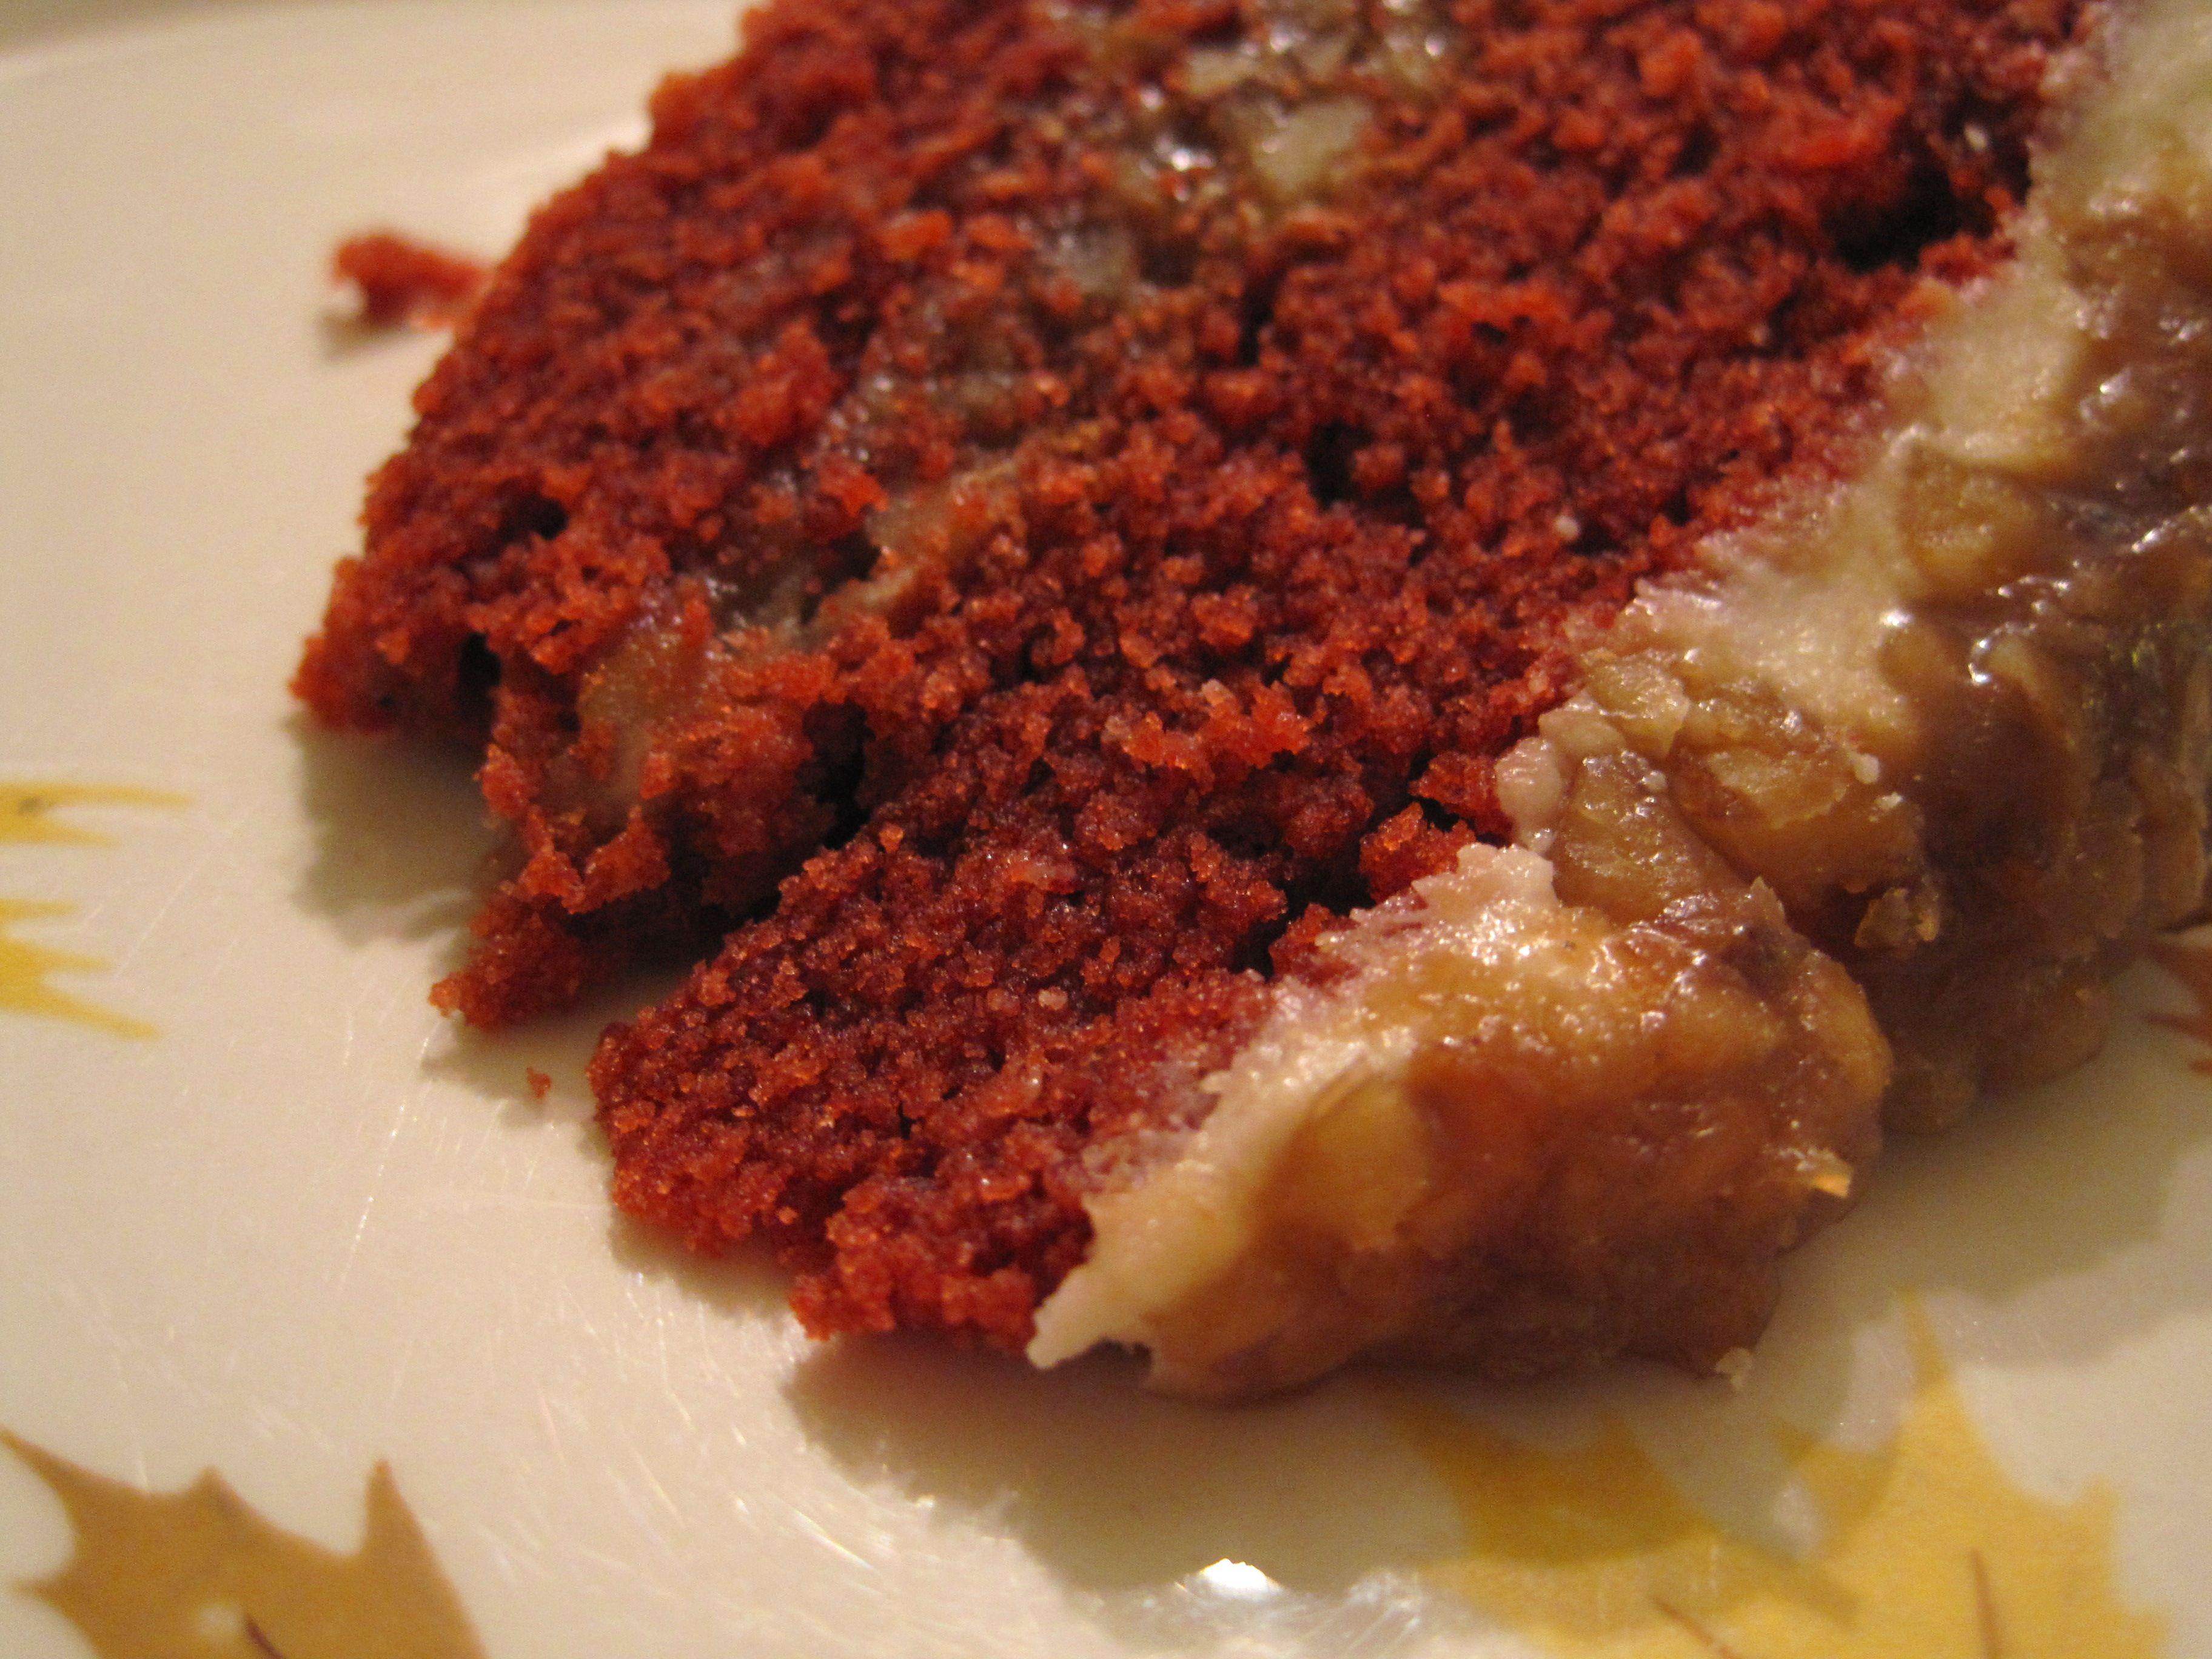 My Sweeties Red Velvet Rum Cake Rum Cake Rum Cake Recipe Dessert For Dinner